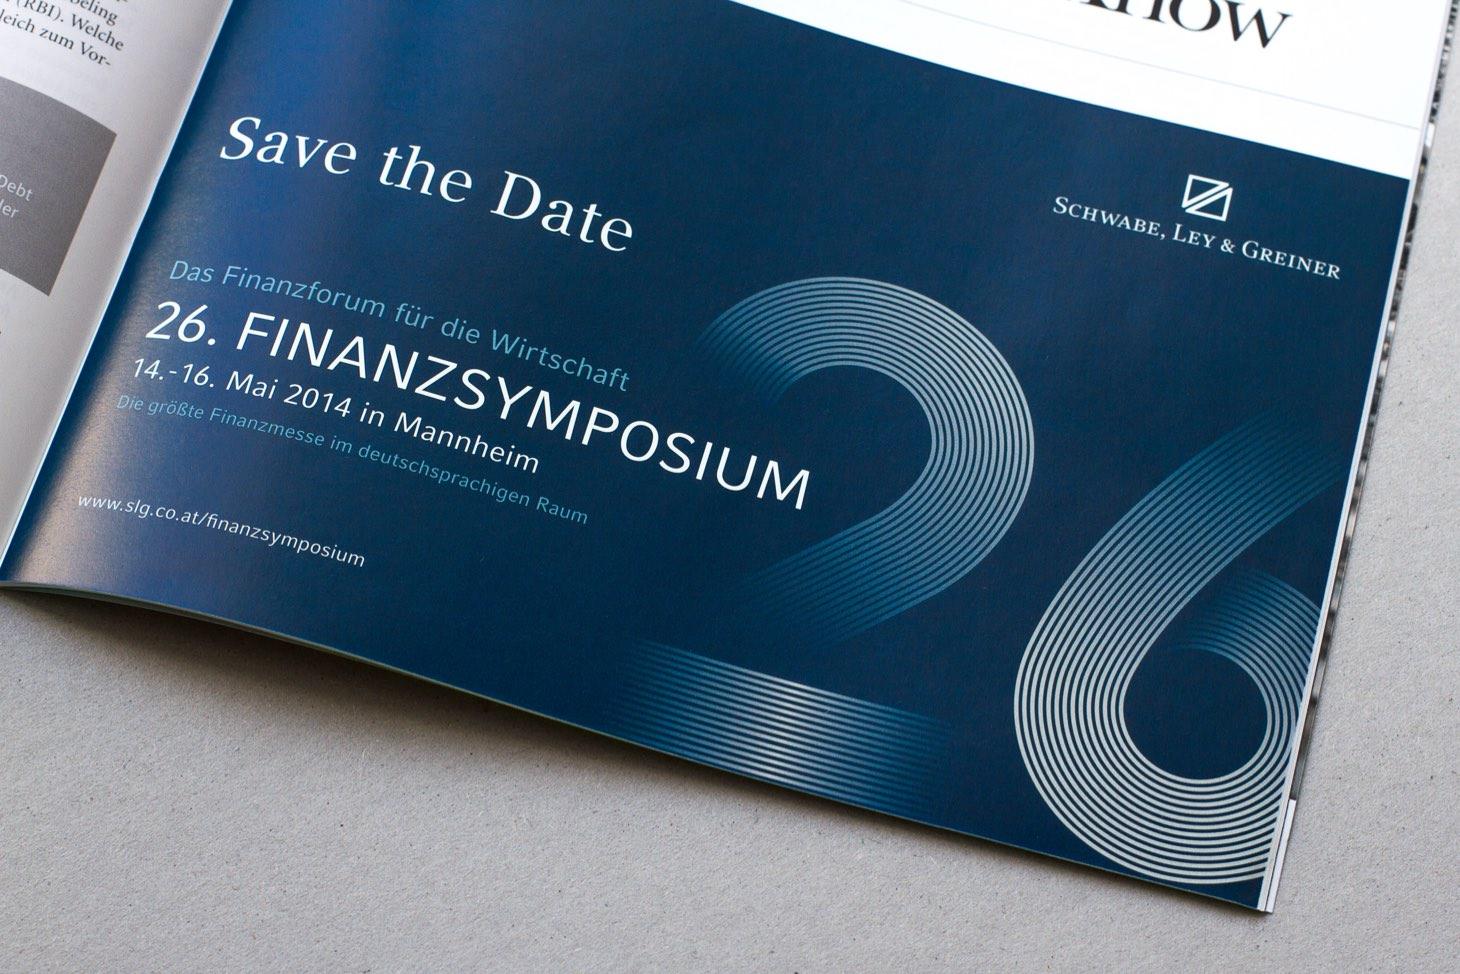 Anzeige in Broschüre für das Finanzsymposium